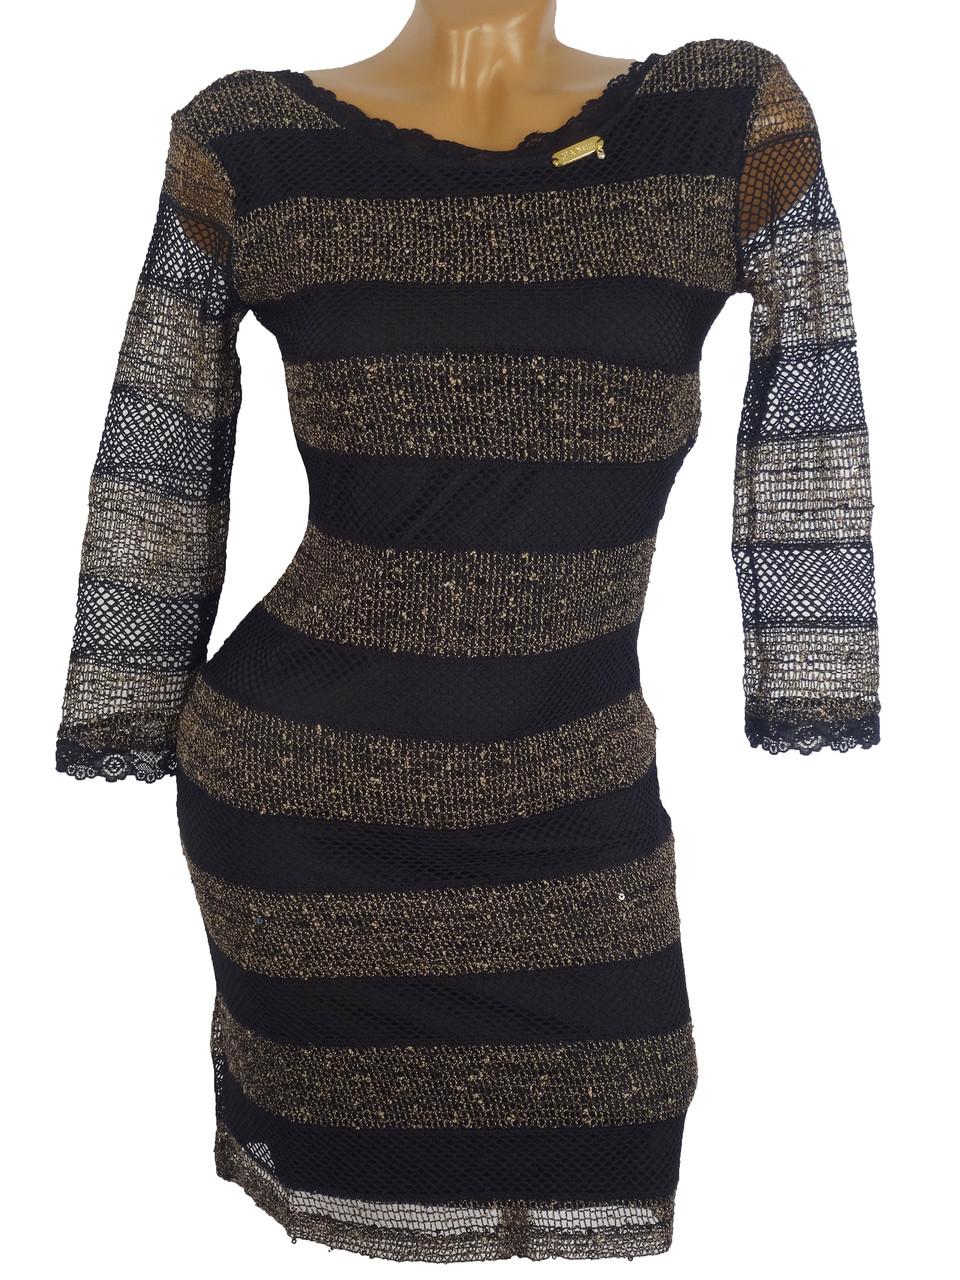 Оригинальное платье с пайетками (в расцветках 44-46)